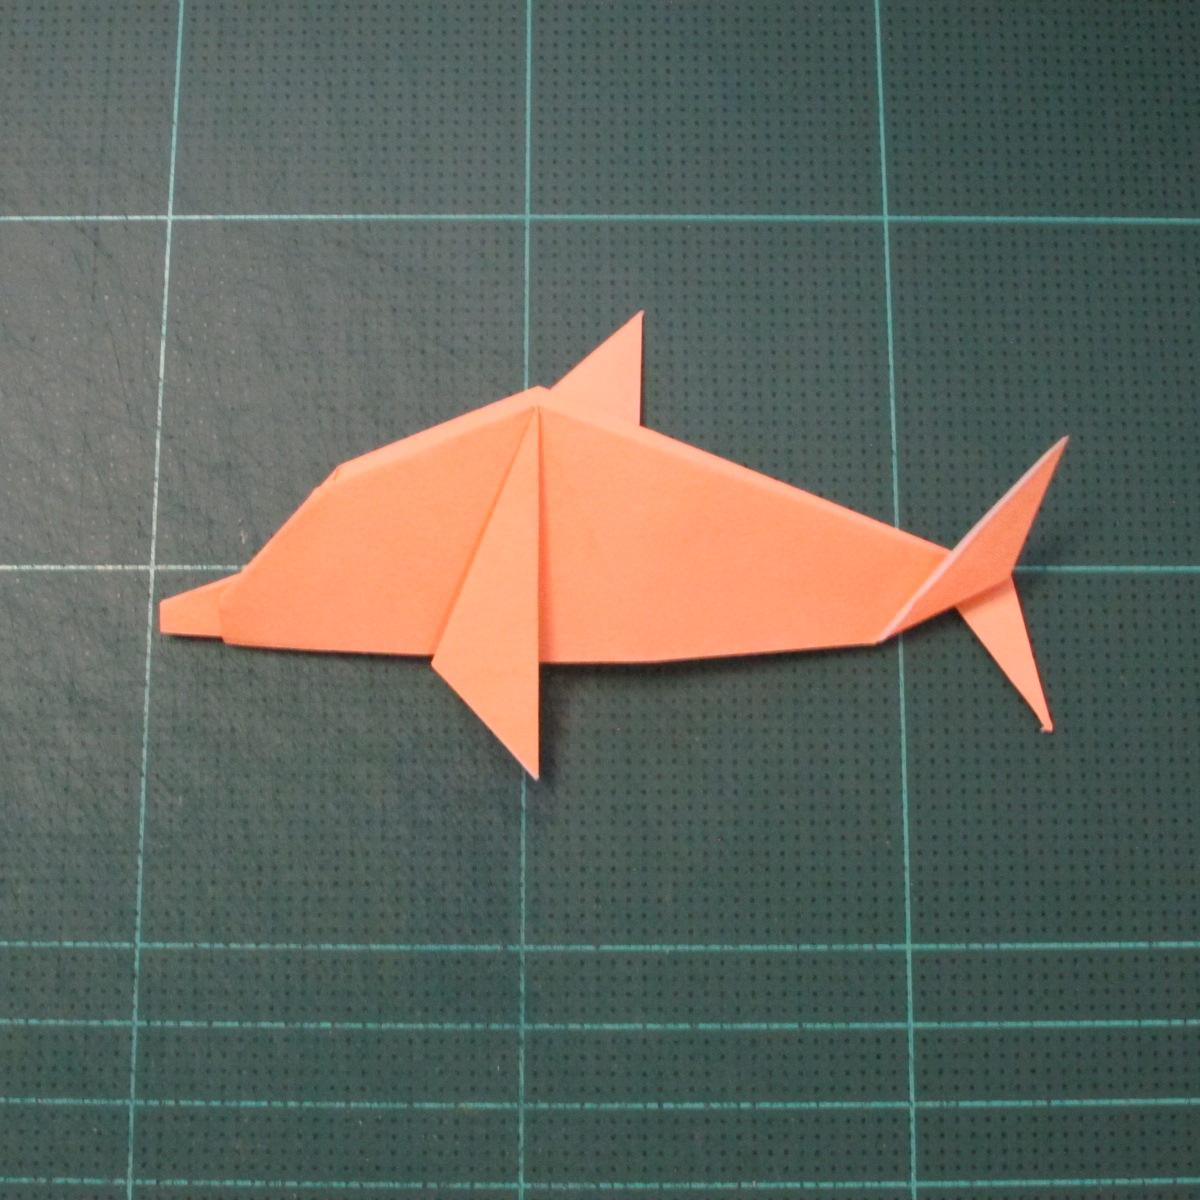 วิธีพับกระดาษเป็นรูปปลาโลมาแบบง่าย (Easy Origami Dolphin) 021